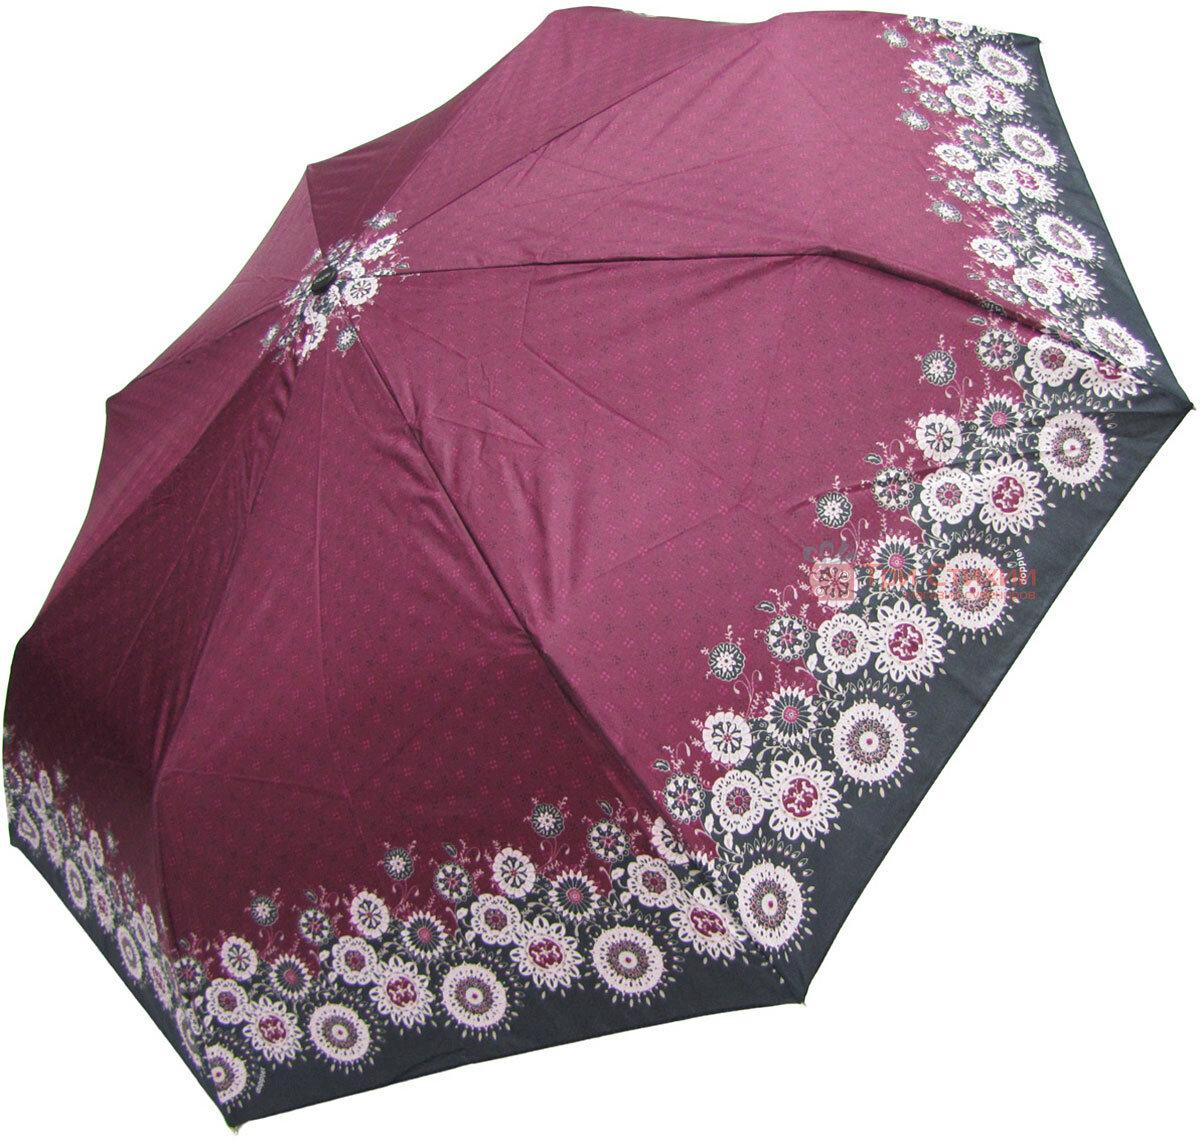 Зонт складной Doppler 7301653003-2 полуавтомат Бордовый Узор, фото